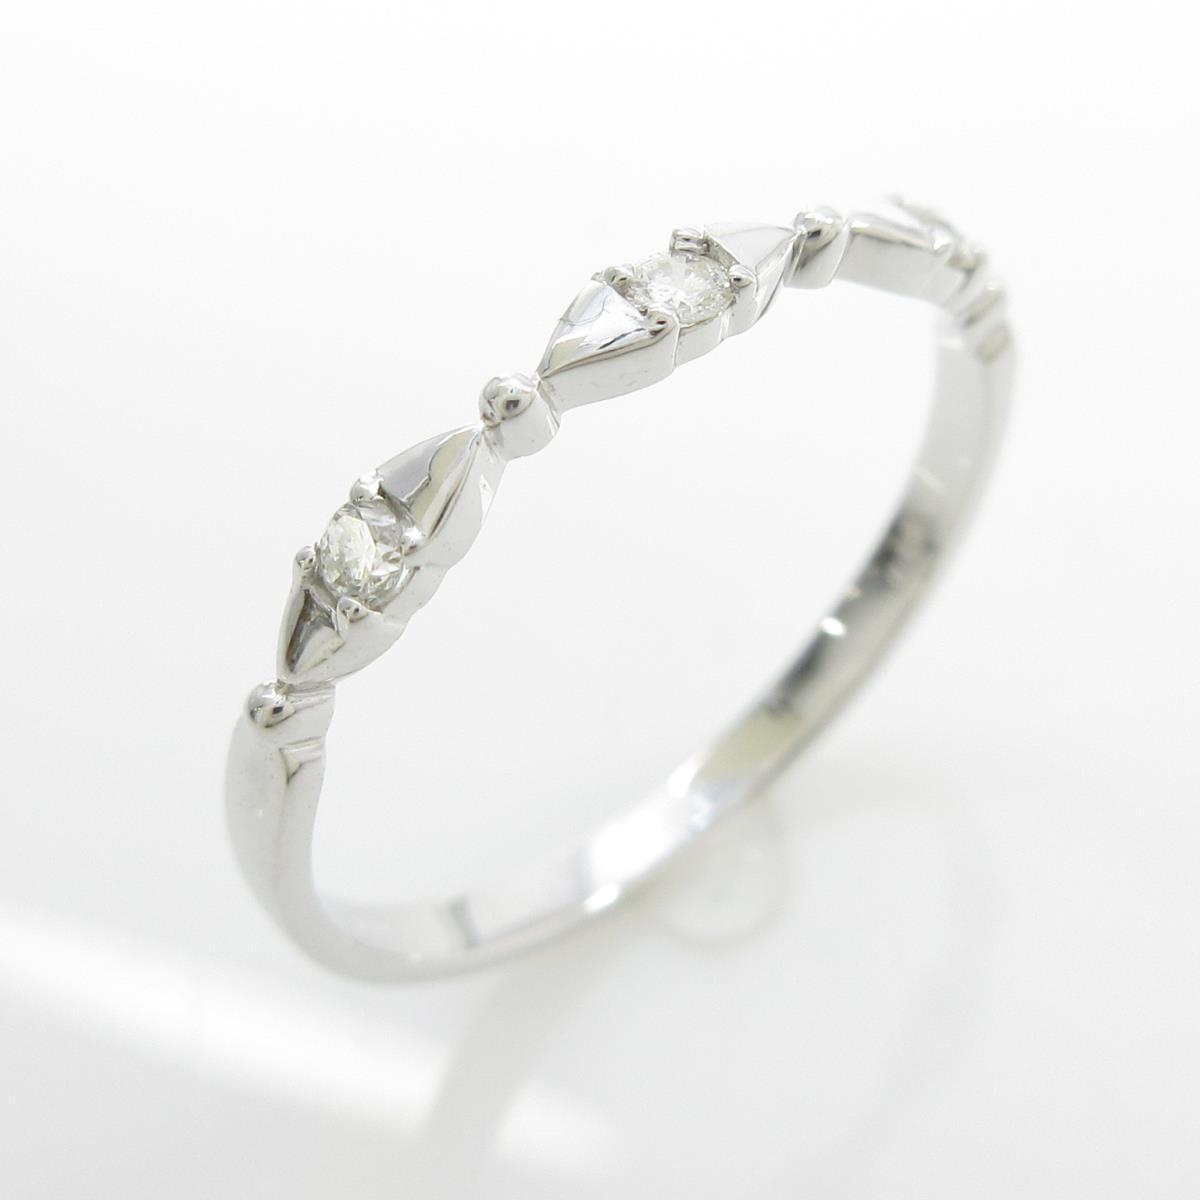 【リメイク】K18WG スリーストーン ダイヤモンドリング【中古】